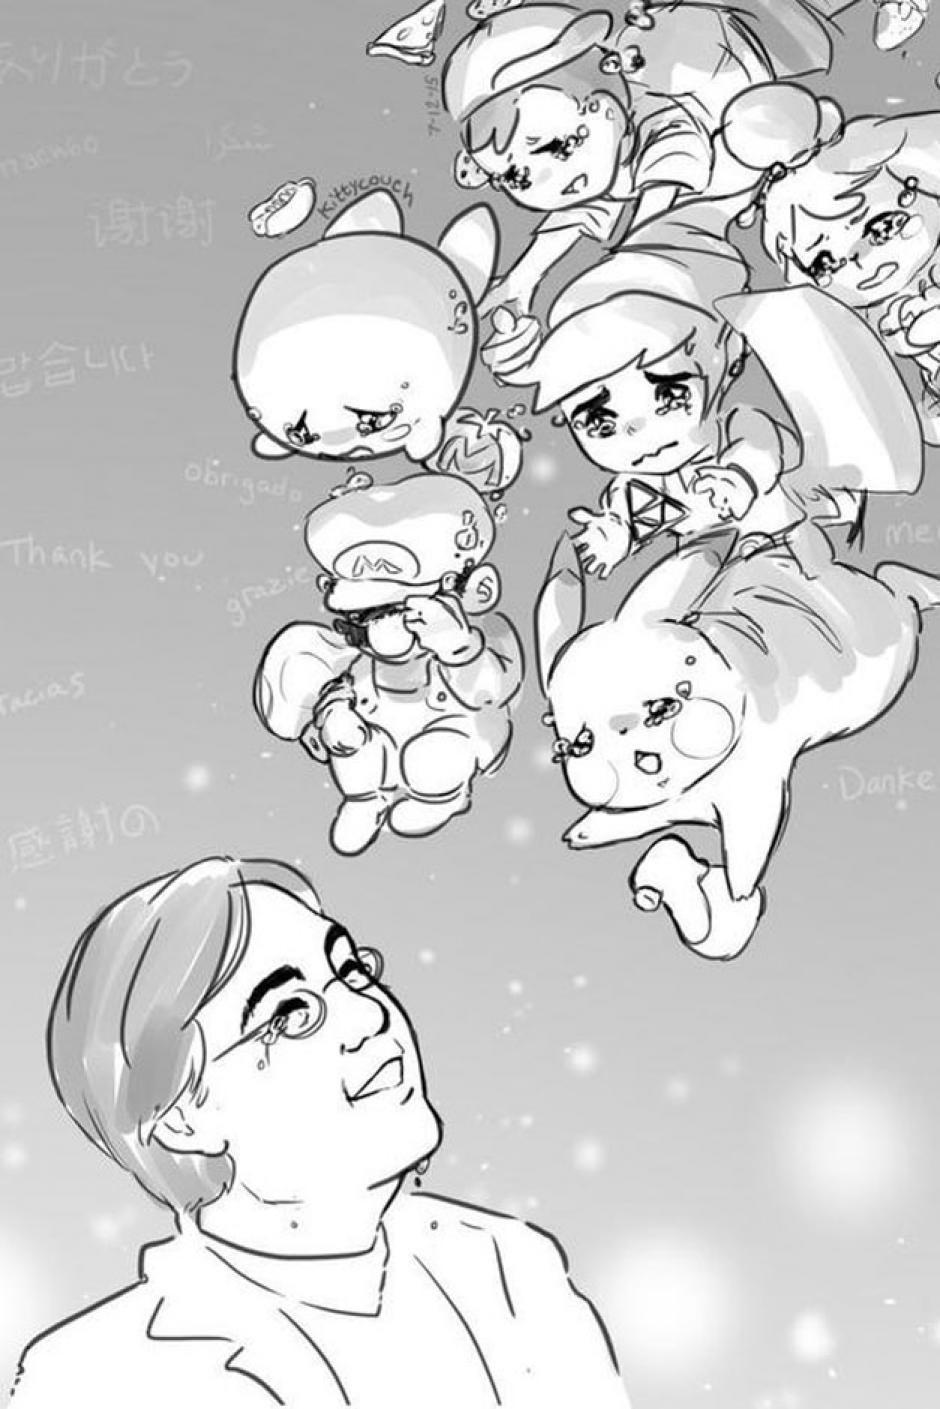 Una ilustración bastante emotiva que muestra a Iwata y los personajes más populares de los videojuegos de Nintendo. (Foto: Twitter)